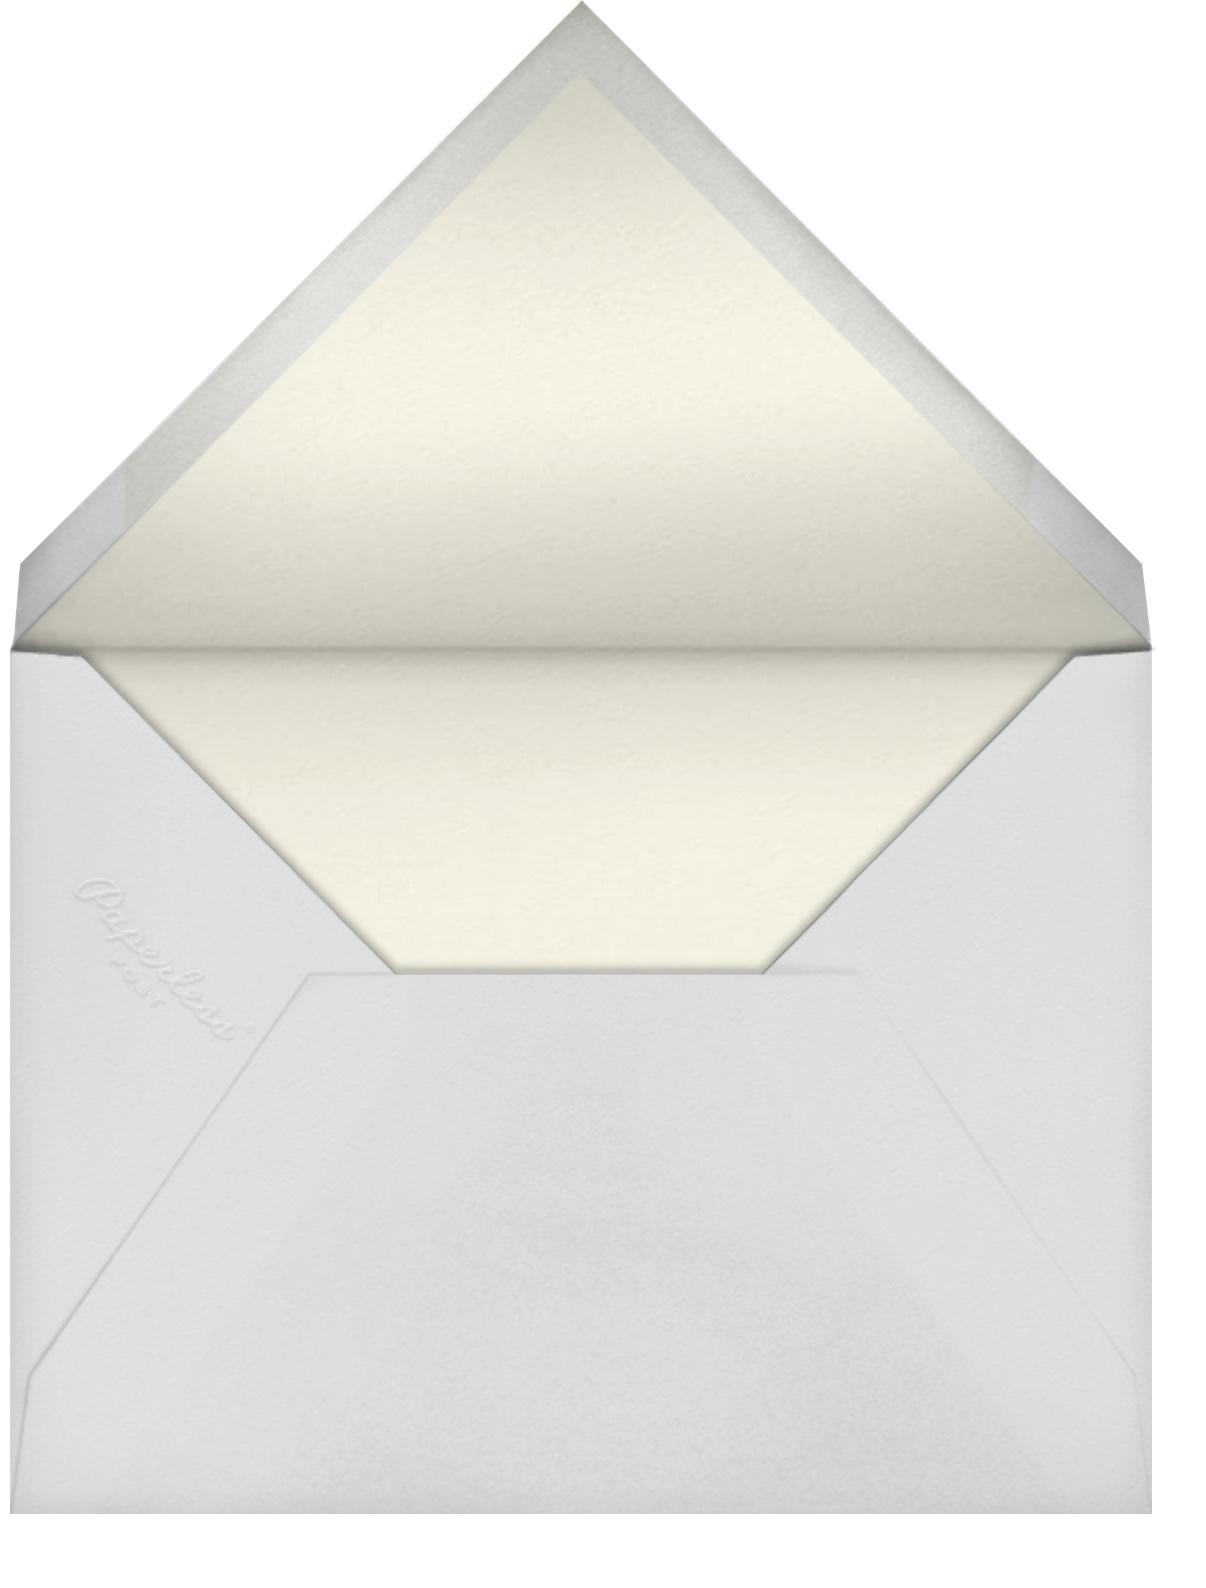 Ars Botanica - Oscar de la Renta - Bridal shower - envelope back